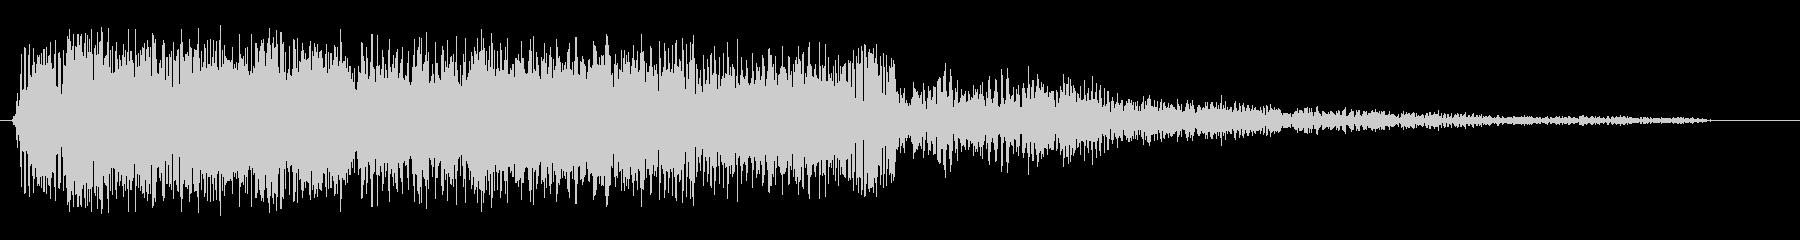 ビヨヨヨヨ〜ン(コミカルな効果音)の未再生の波形